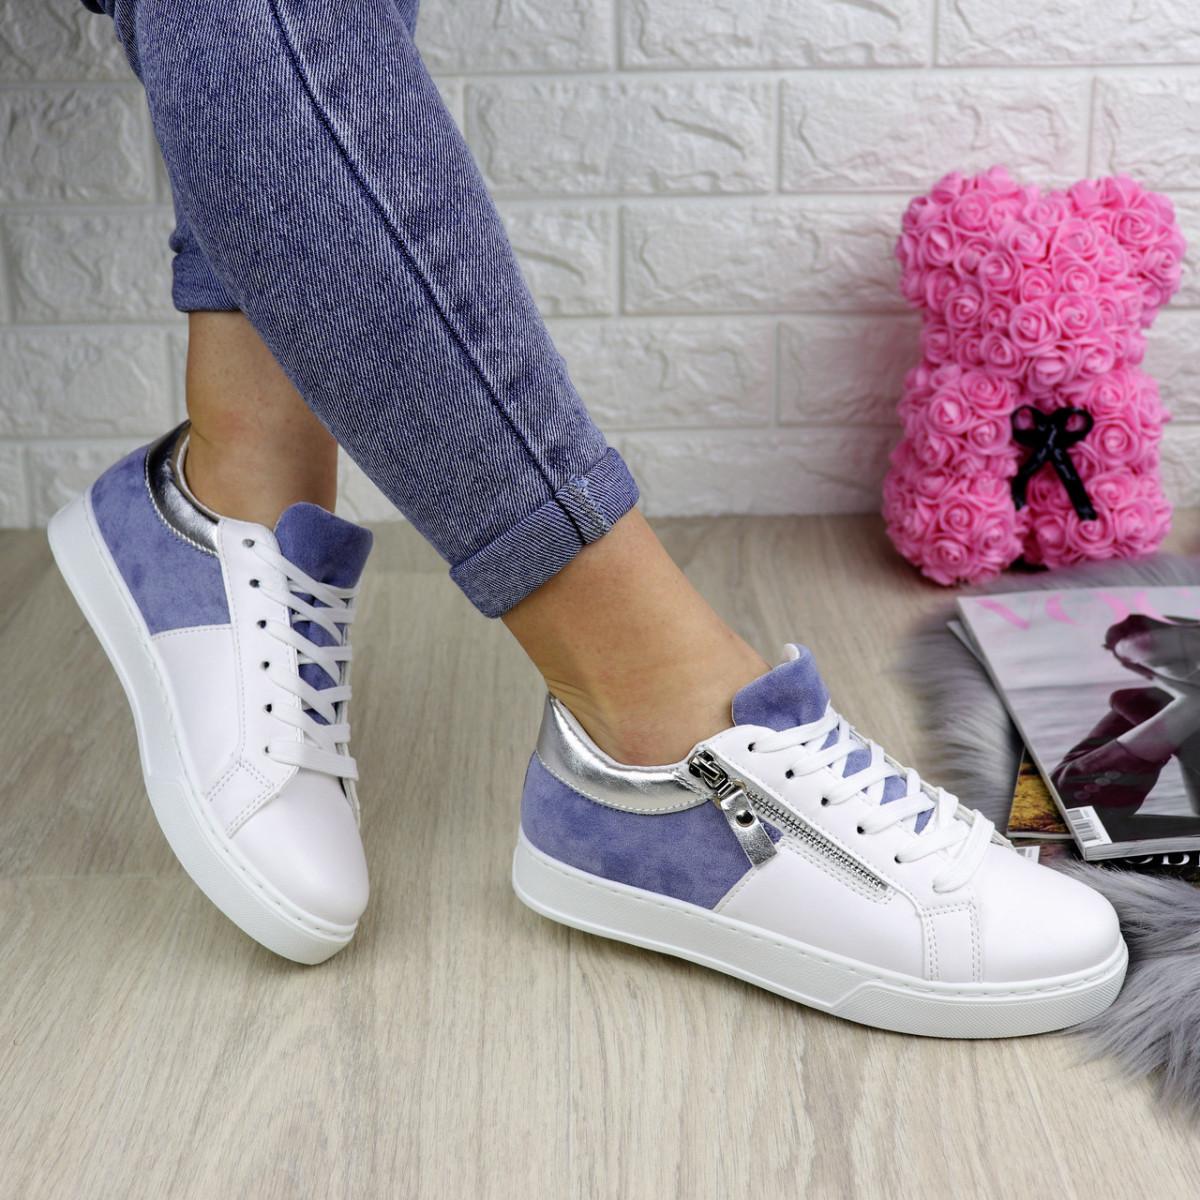 Женские белые кроссовки Lagger 1202 (39 размер)